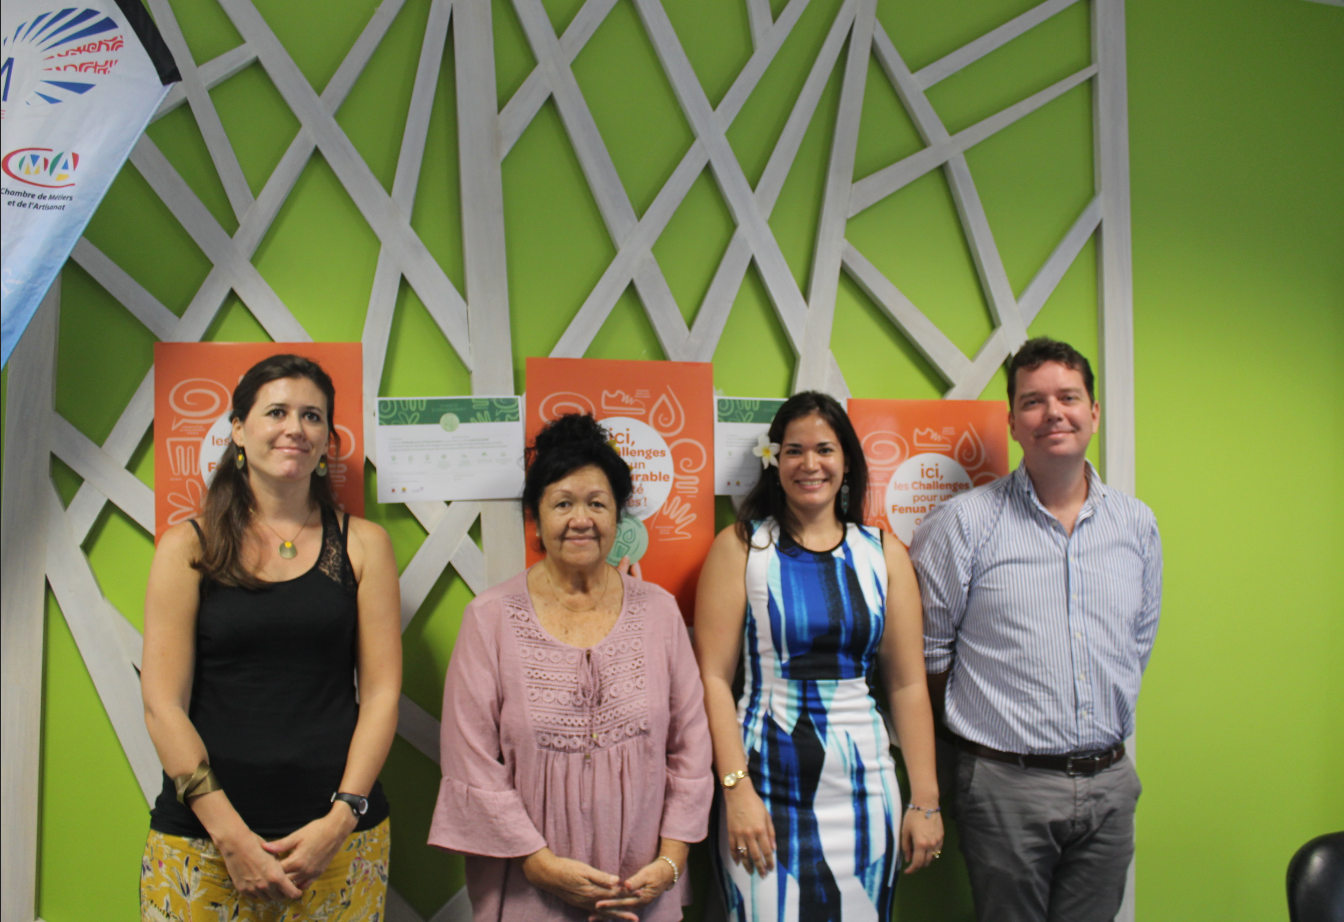 La Chambre de Commerce, d'Industrie, des Services et des Métiers, en partenariat avec l'Ademe (l'Agence de l'environnement et de la maîtrise de l'énergie) et la Diren (la direction régionale de l'environnement) lance un label développement durable.